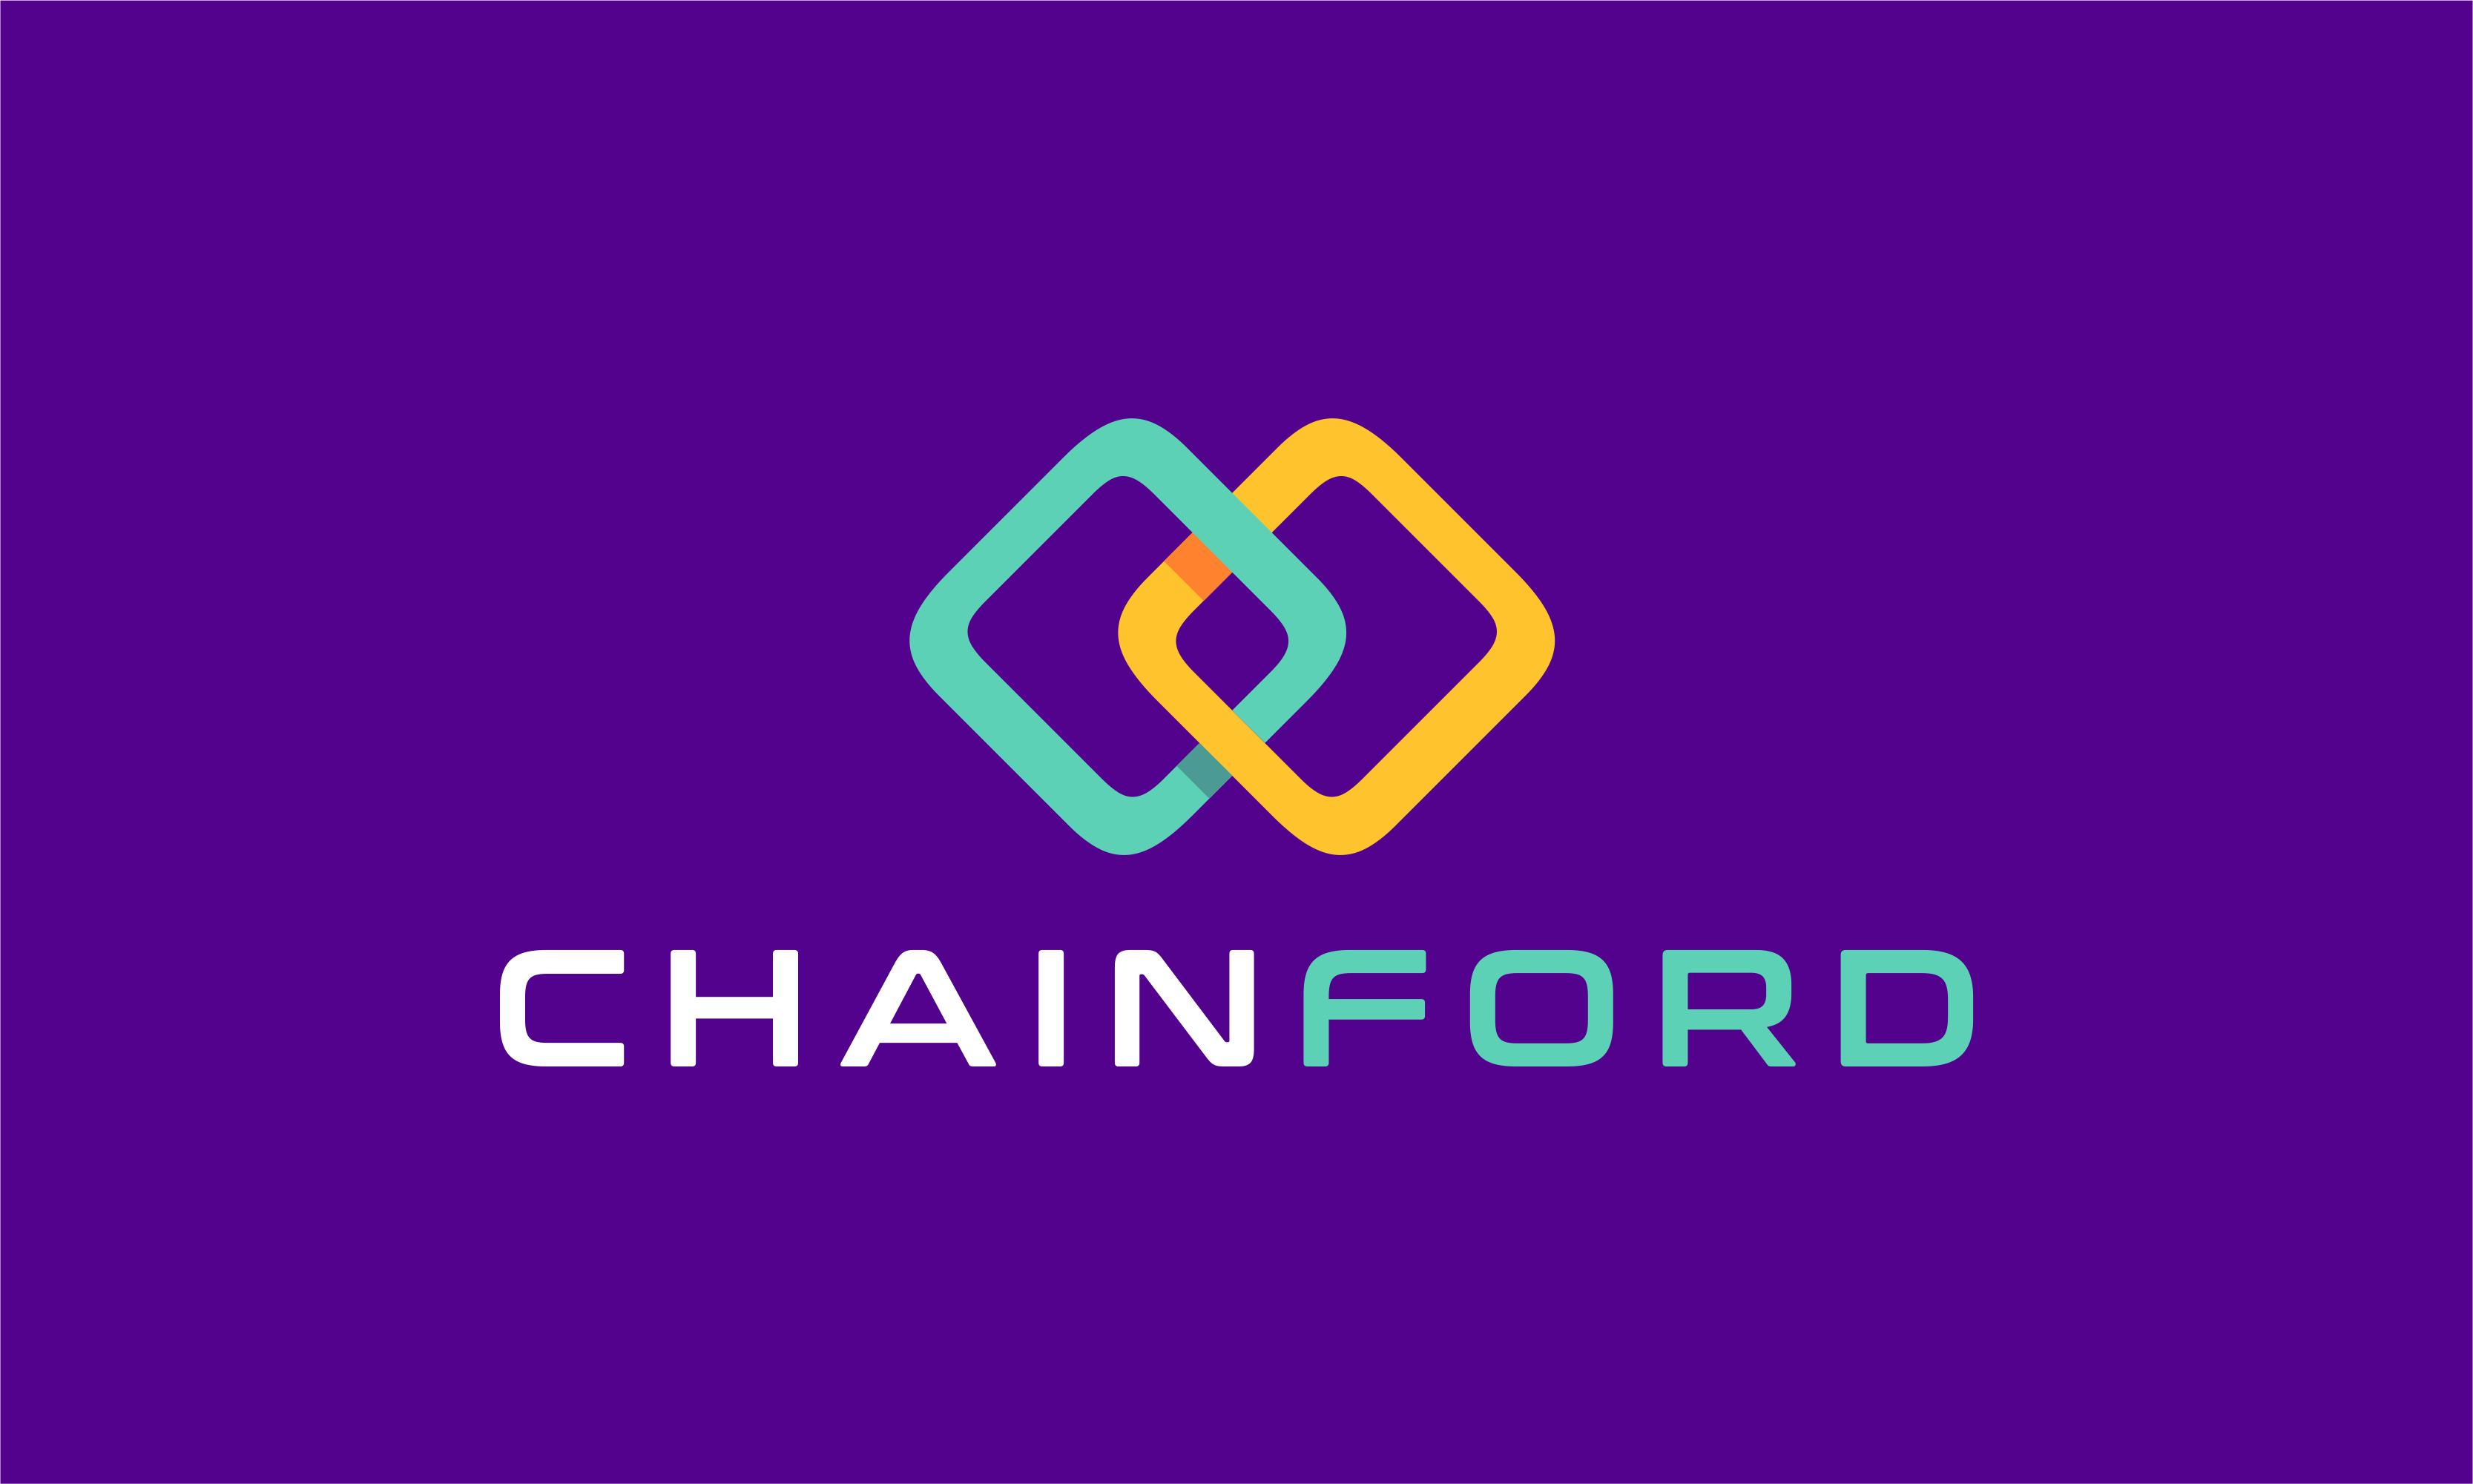 Chainford